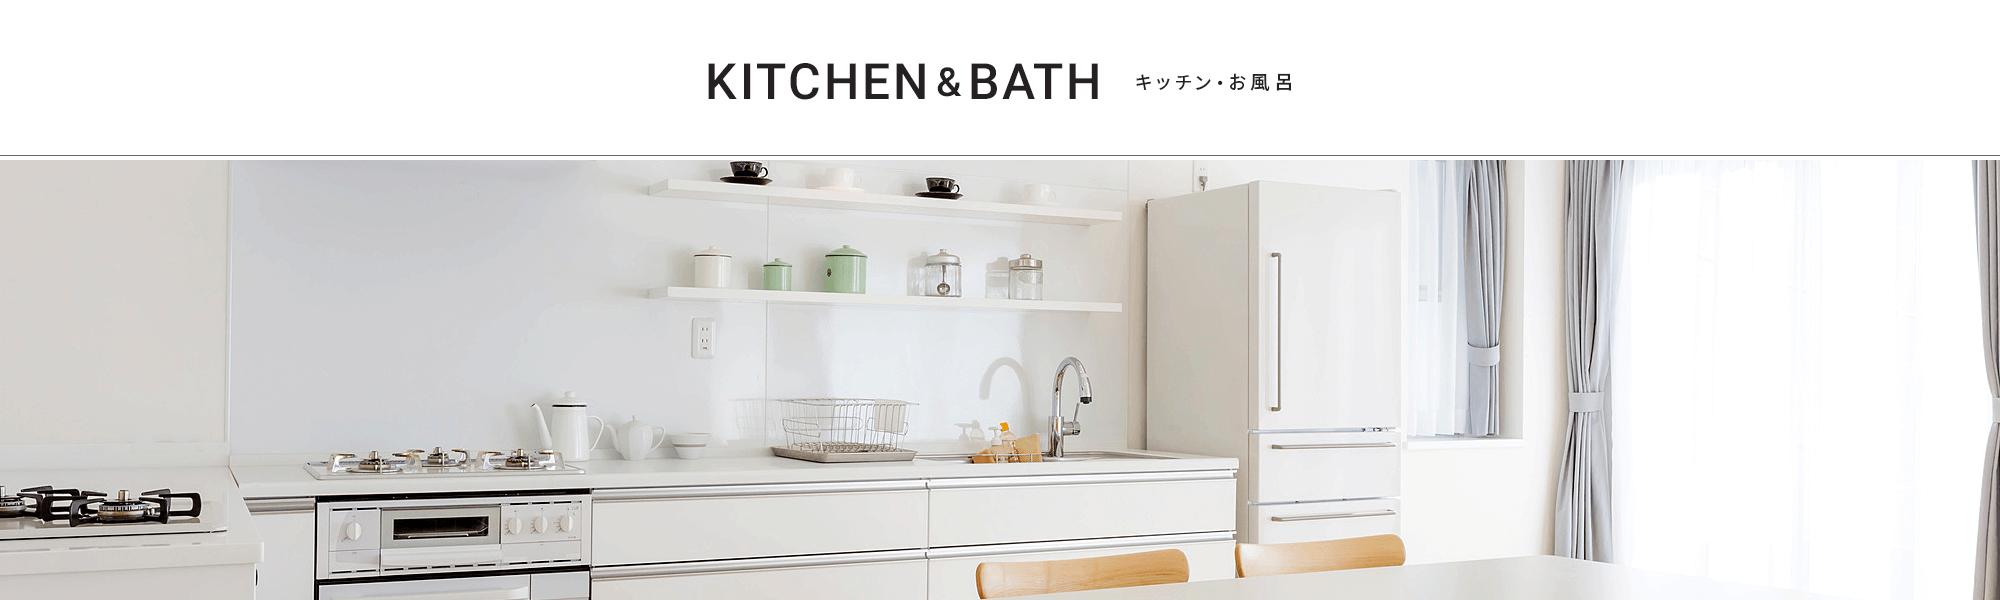 キッチン・お風呂